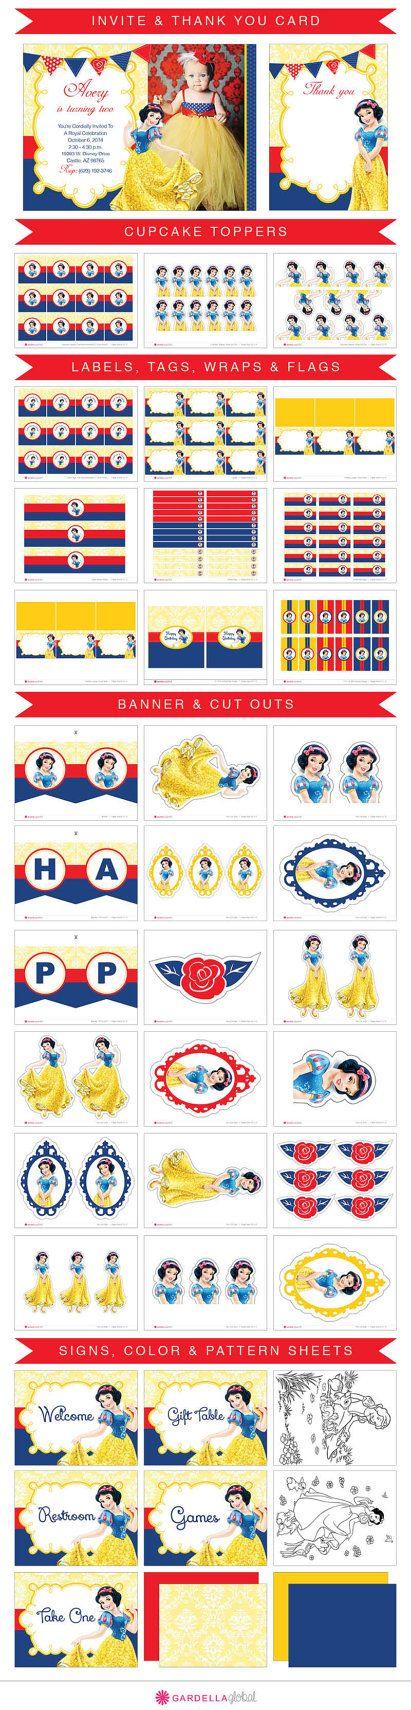 Snow White Invitation Snow White Invitation Snow por GardellaGlobal